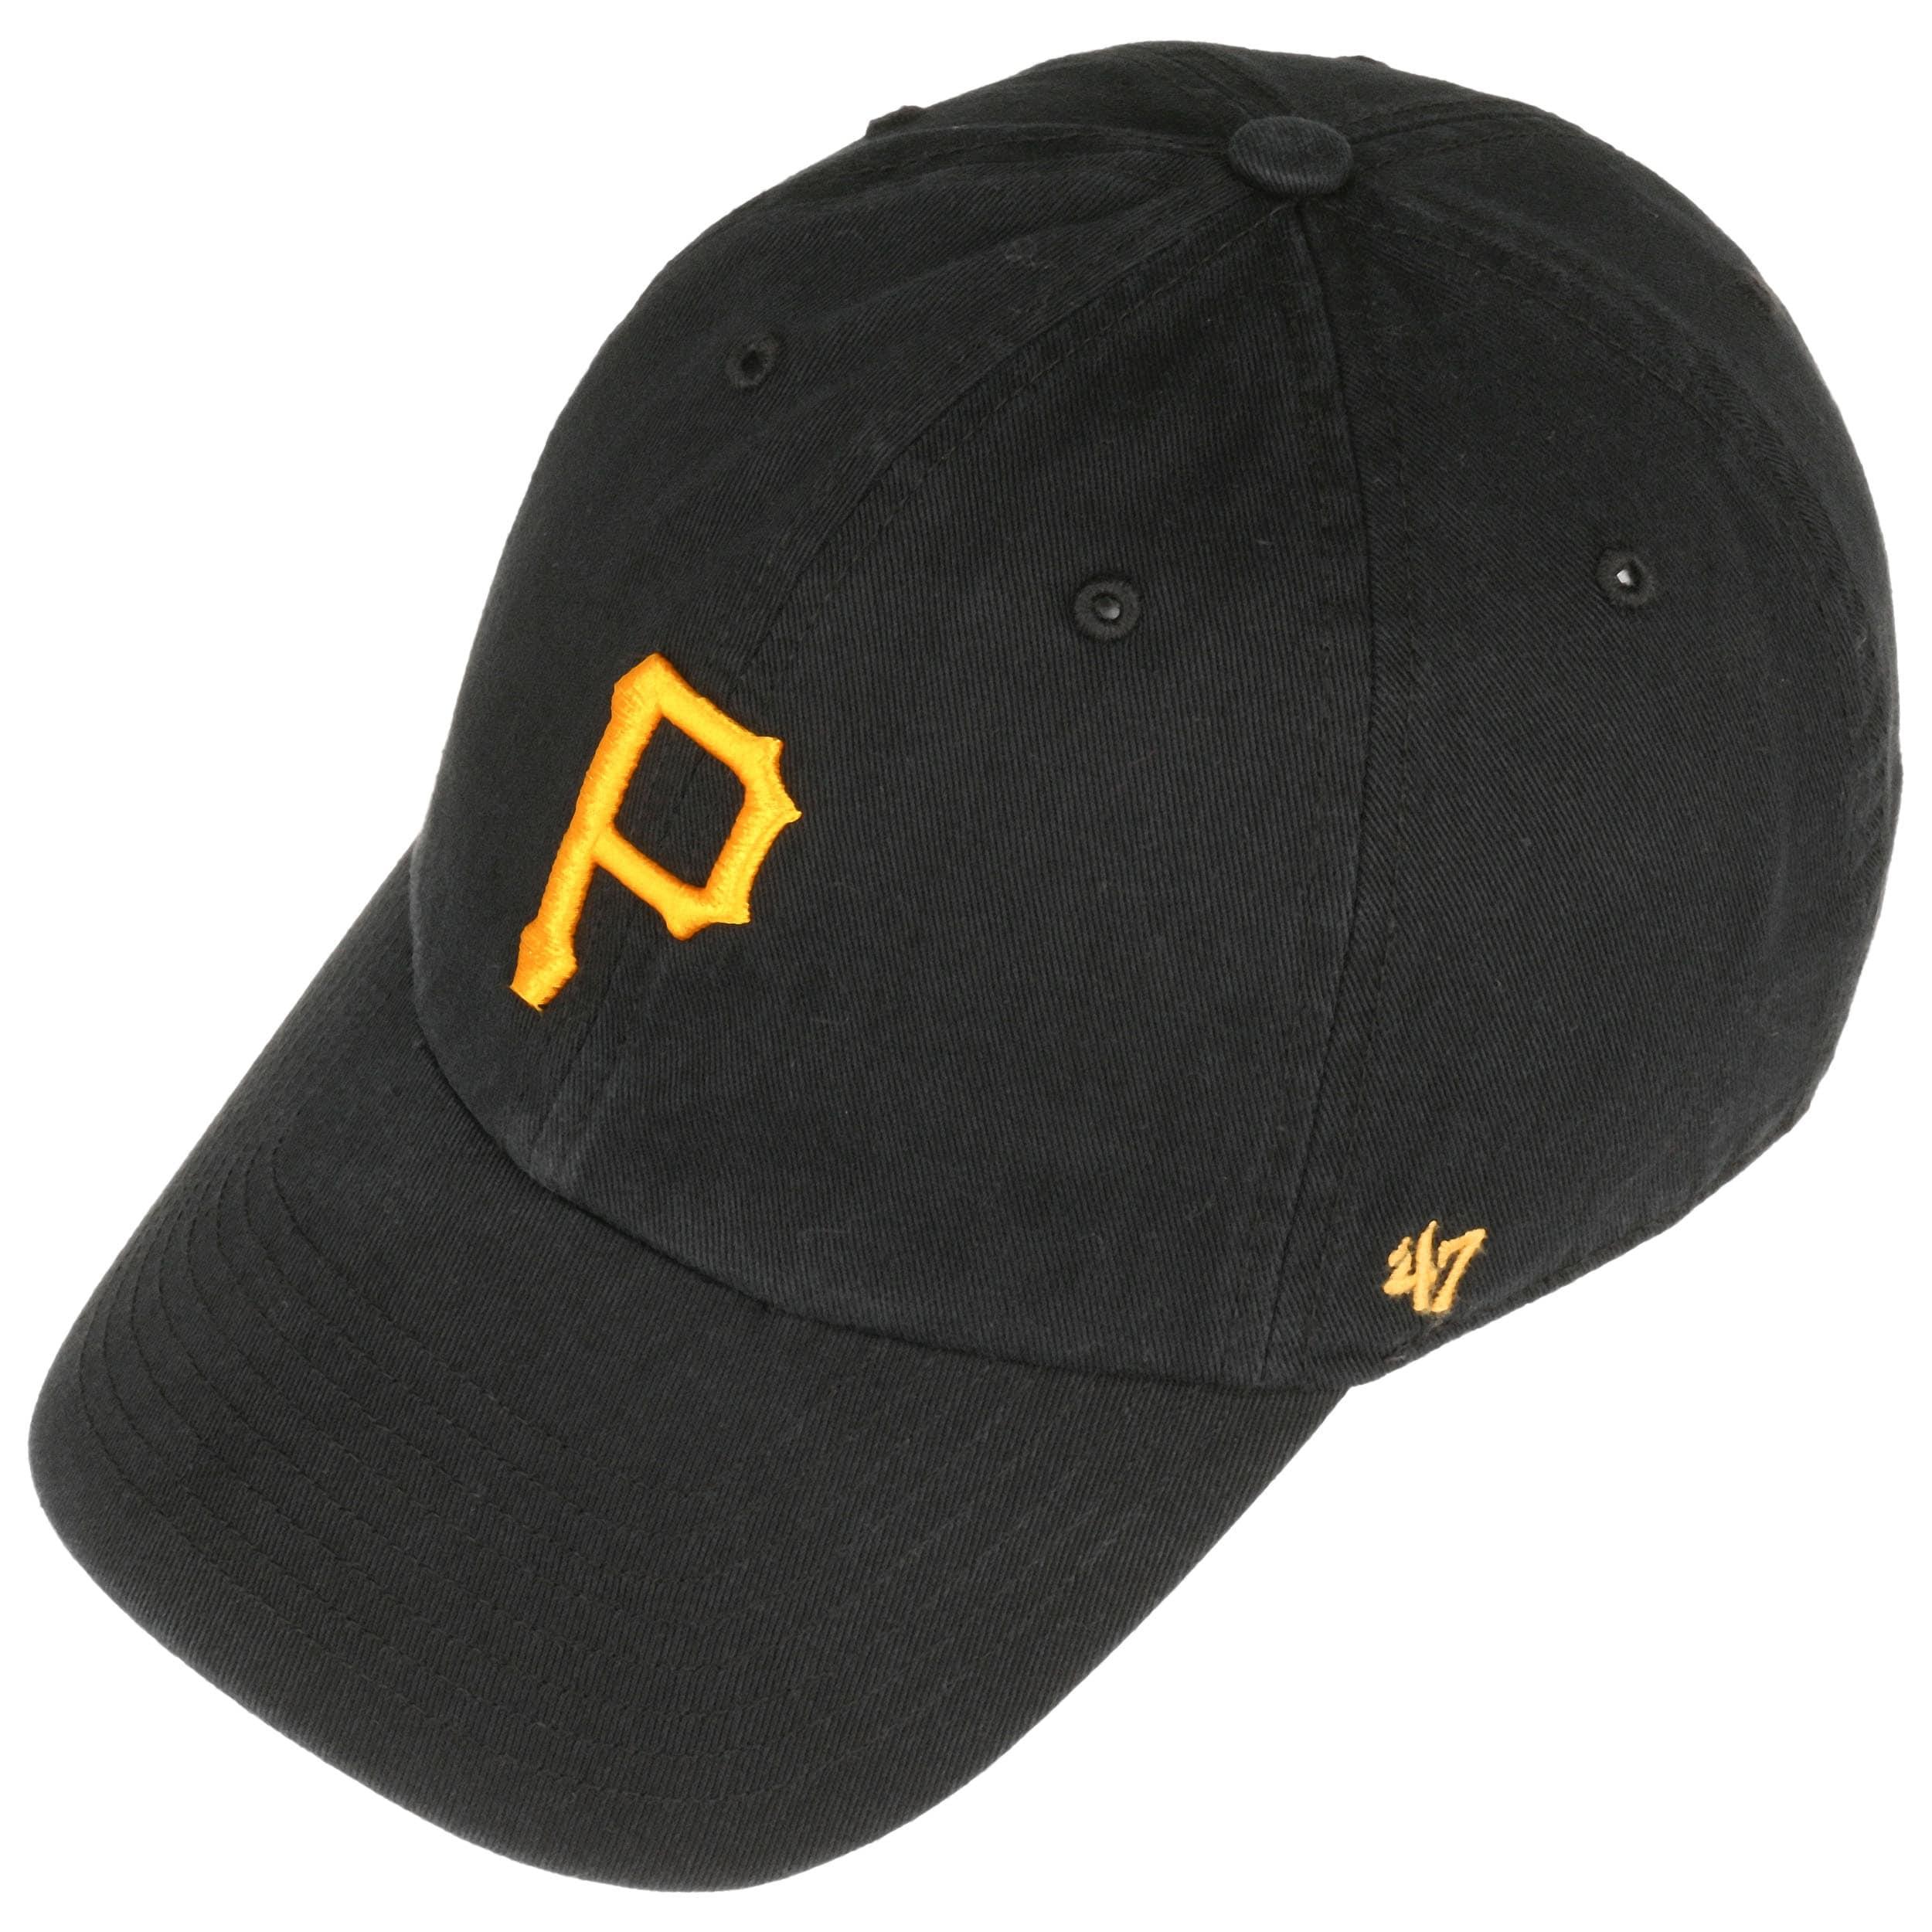 best service 41d70 82078 ... closeout cleanup pittsburgh pirates cap by 47 brand 1 377ac f3f2e